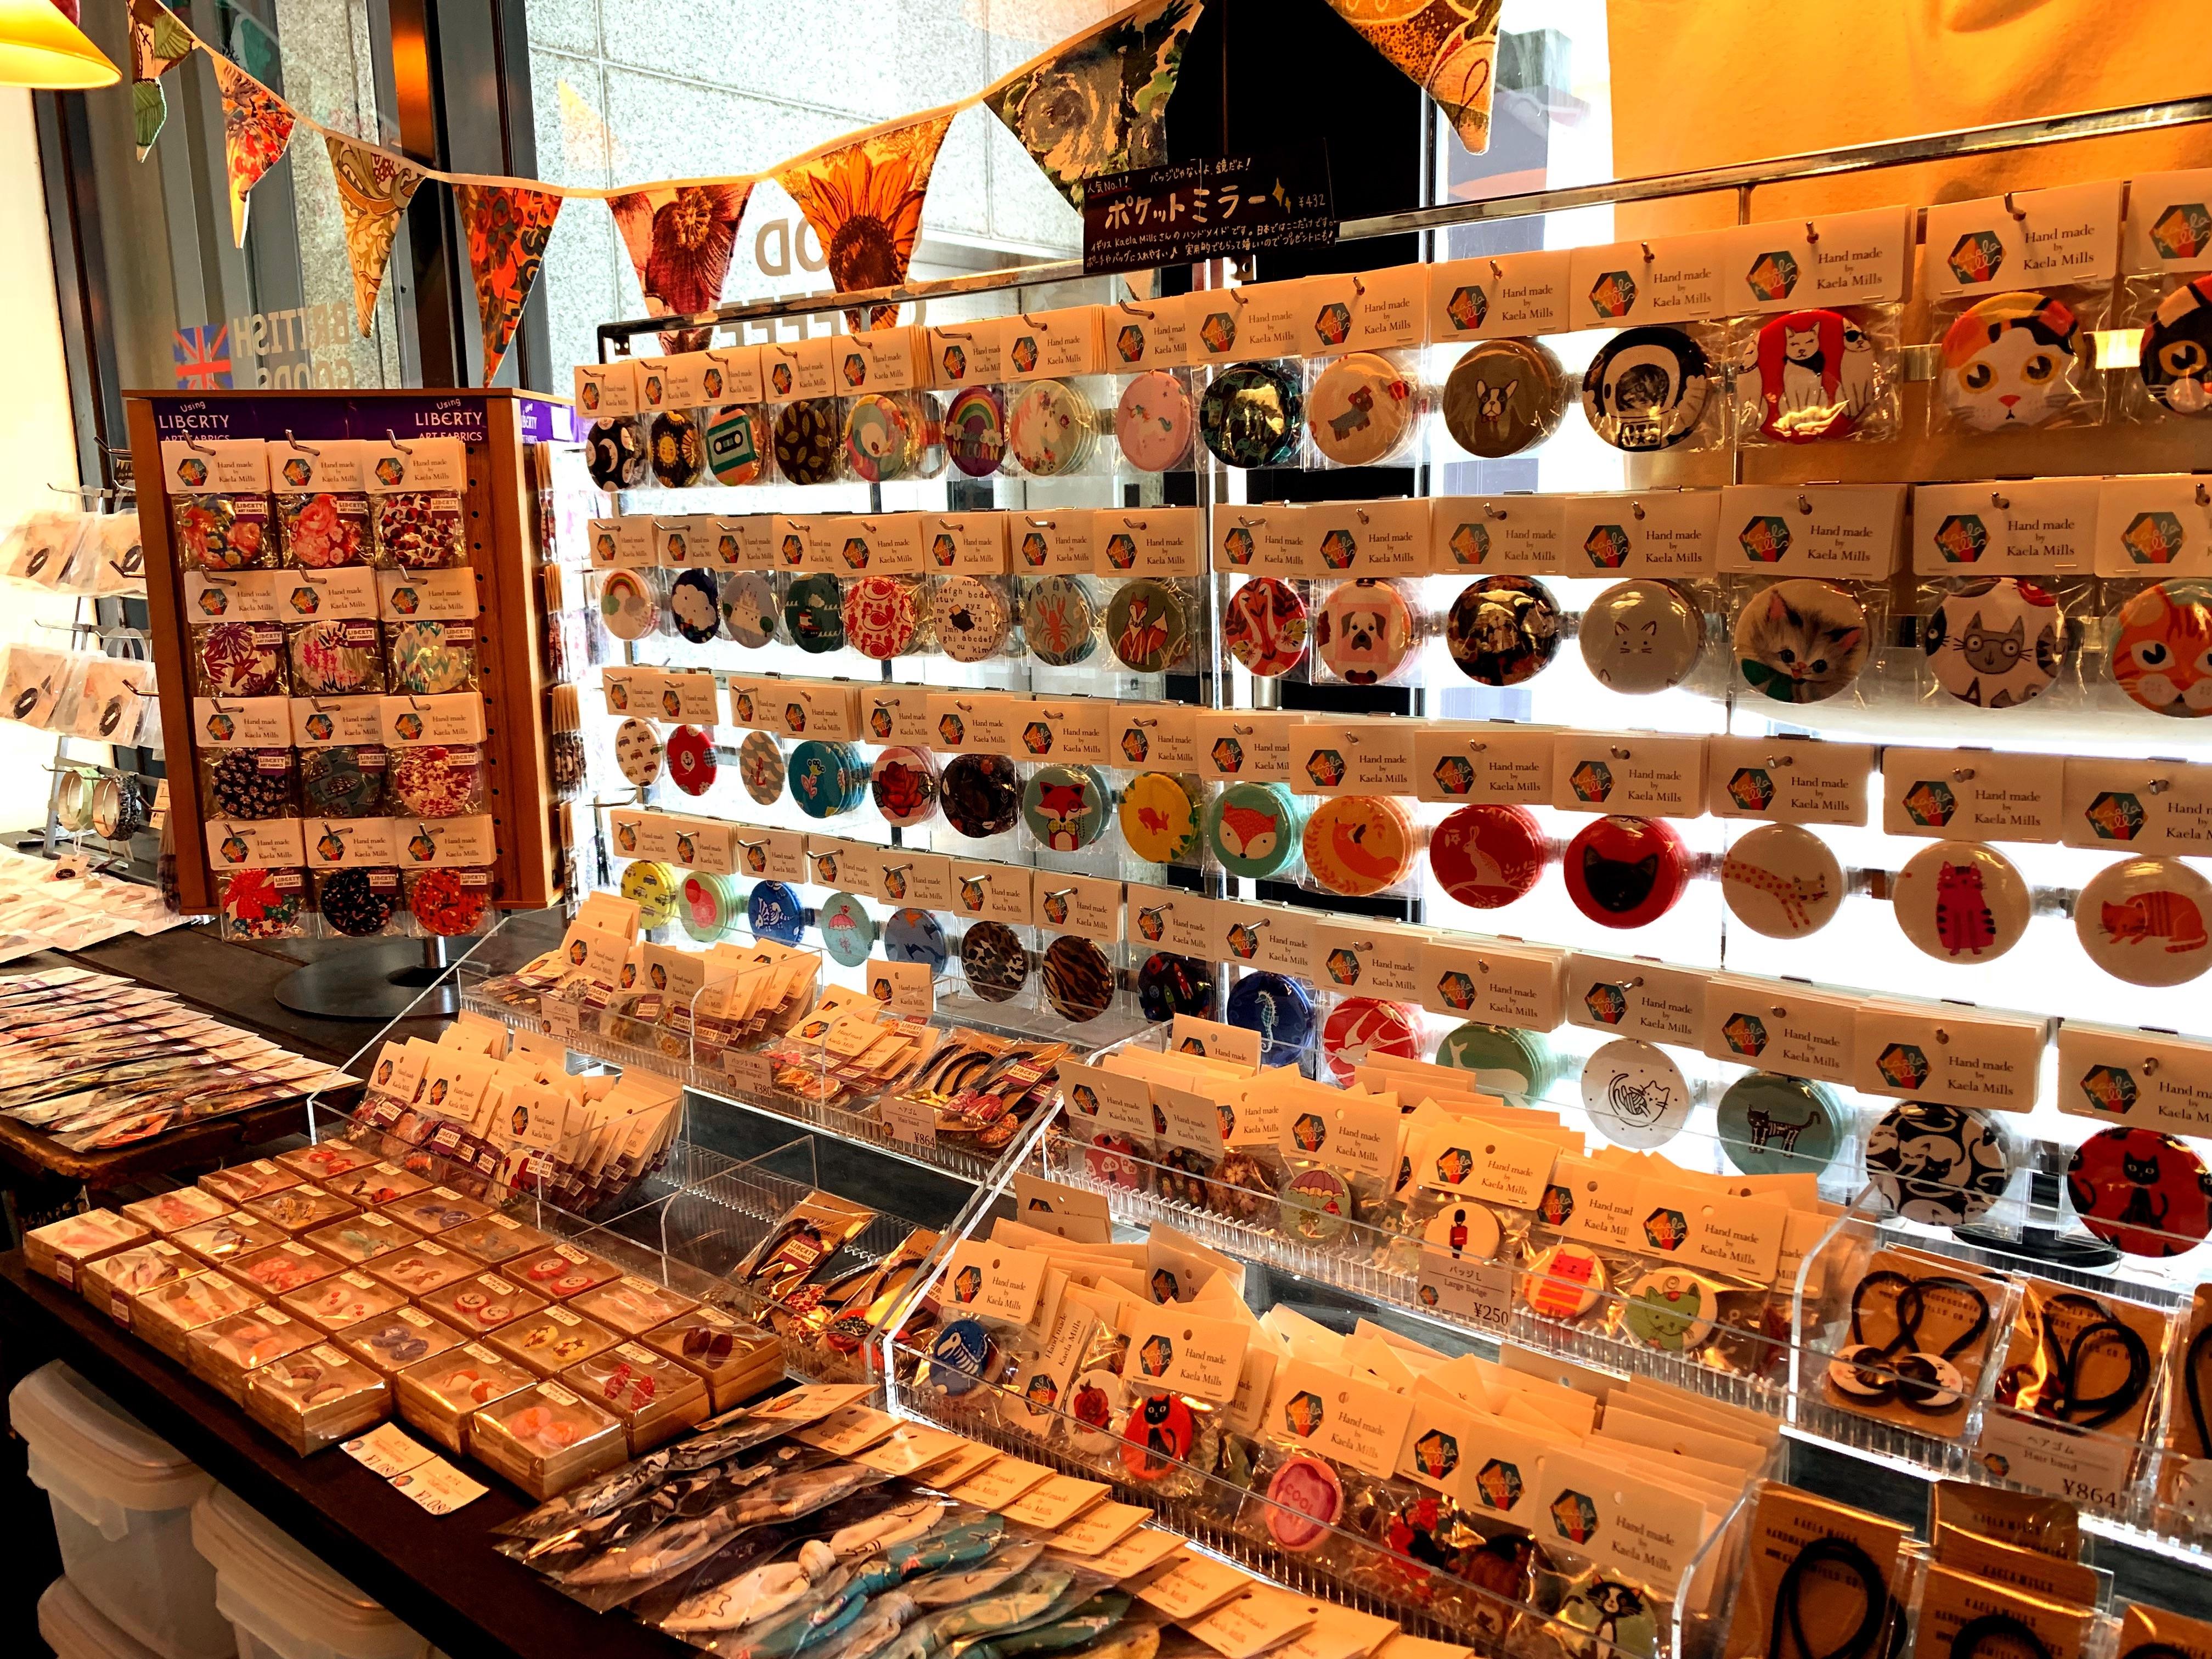 彦根駅構内にある珈琲店MICRO-LADY COFFEE STANDの雑貨コーナー